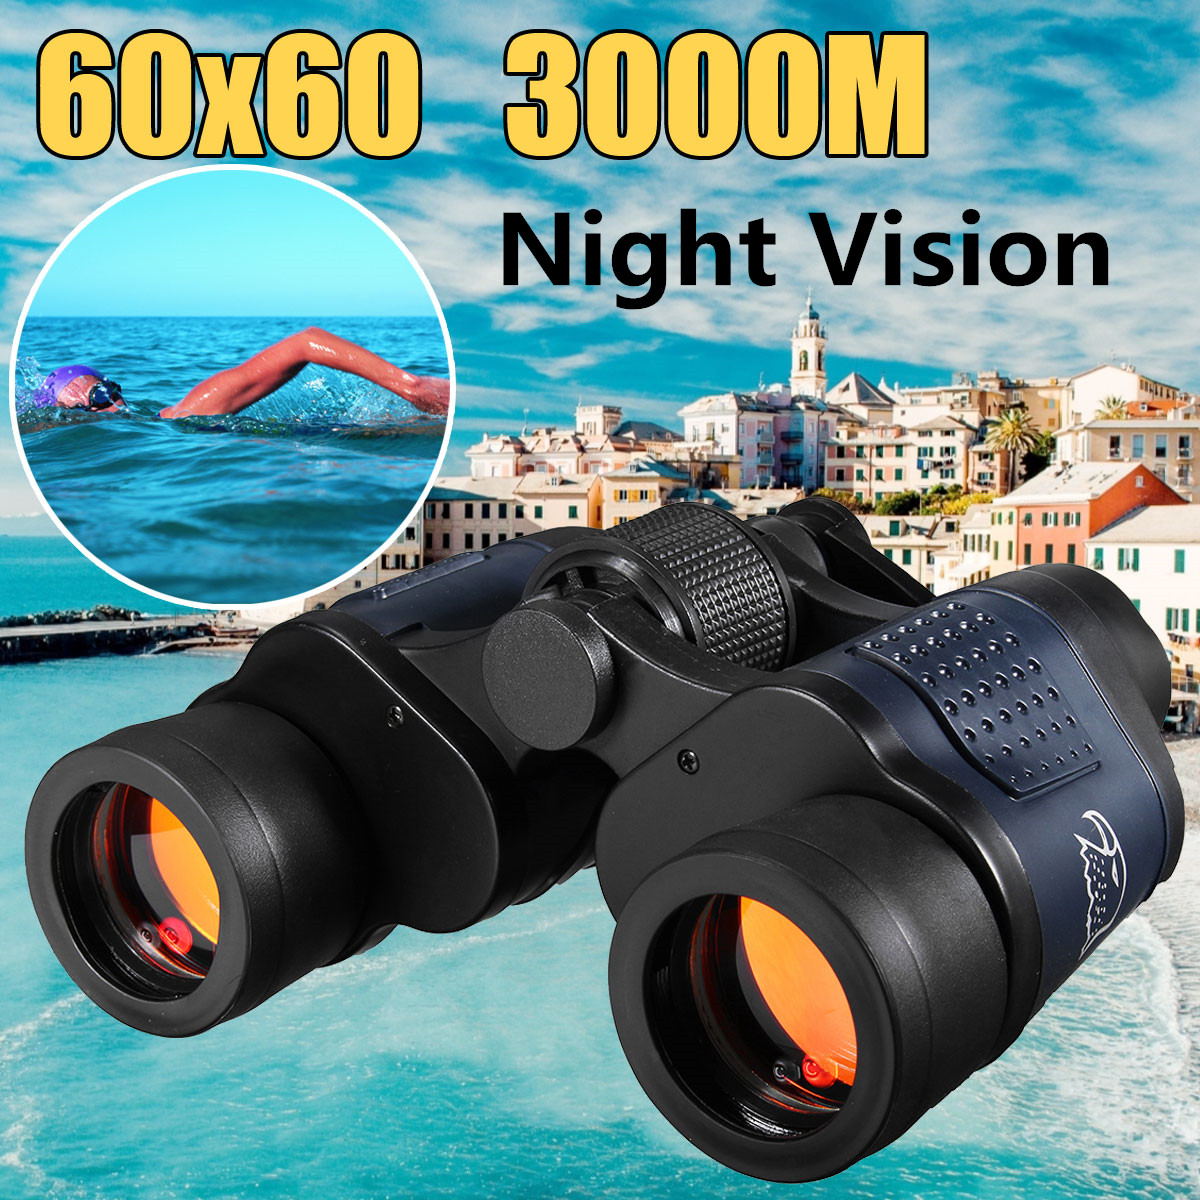 60X60 Télescope Optique Jumelles de Vision Nocturne Haute Clarté 3000 m Binoculaire Lunette De Chasse En Plein Air Sport Oculaire